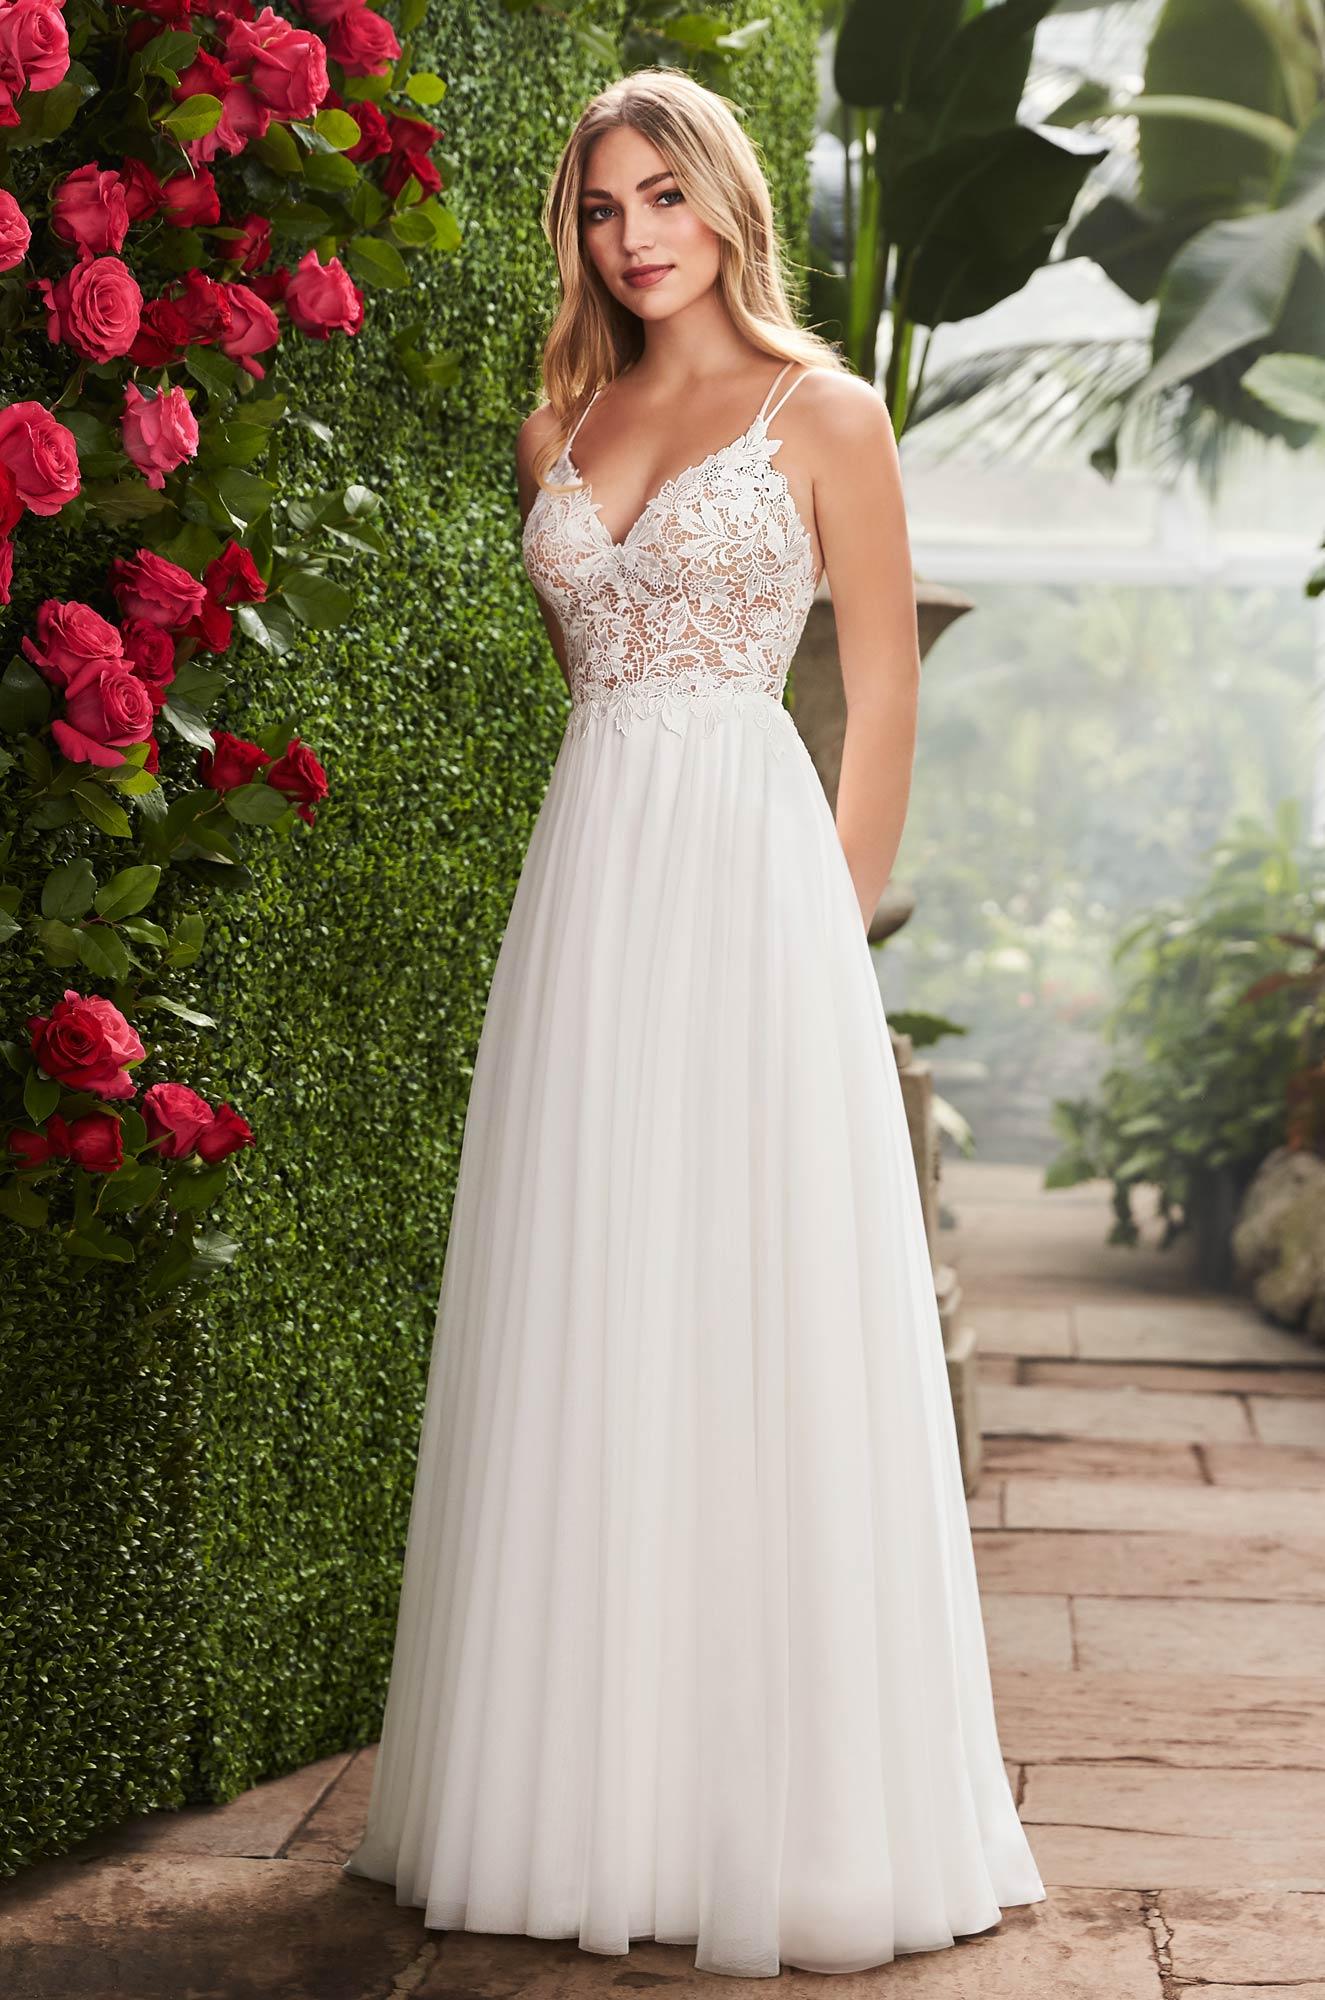 Enchanting Lace Bodice Wedding Dress – Style #2258 | Mikaella Bridal